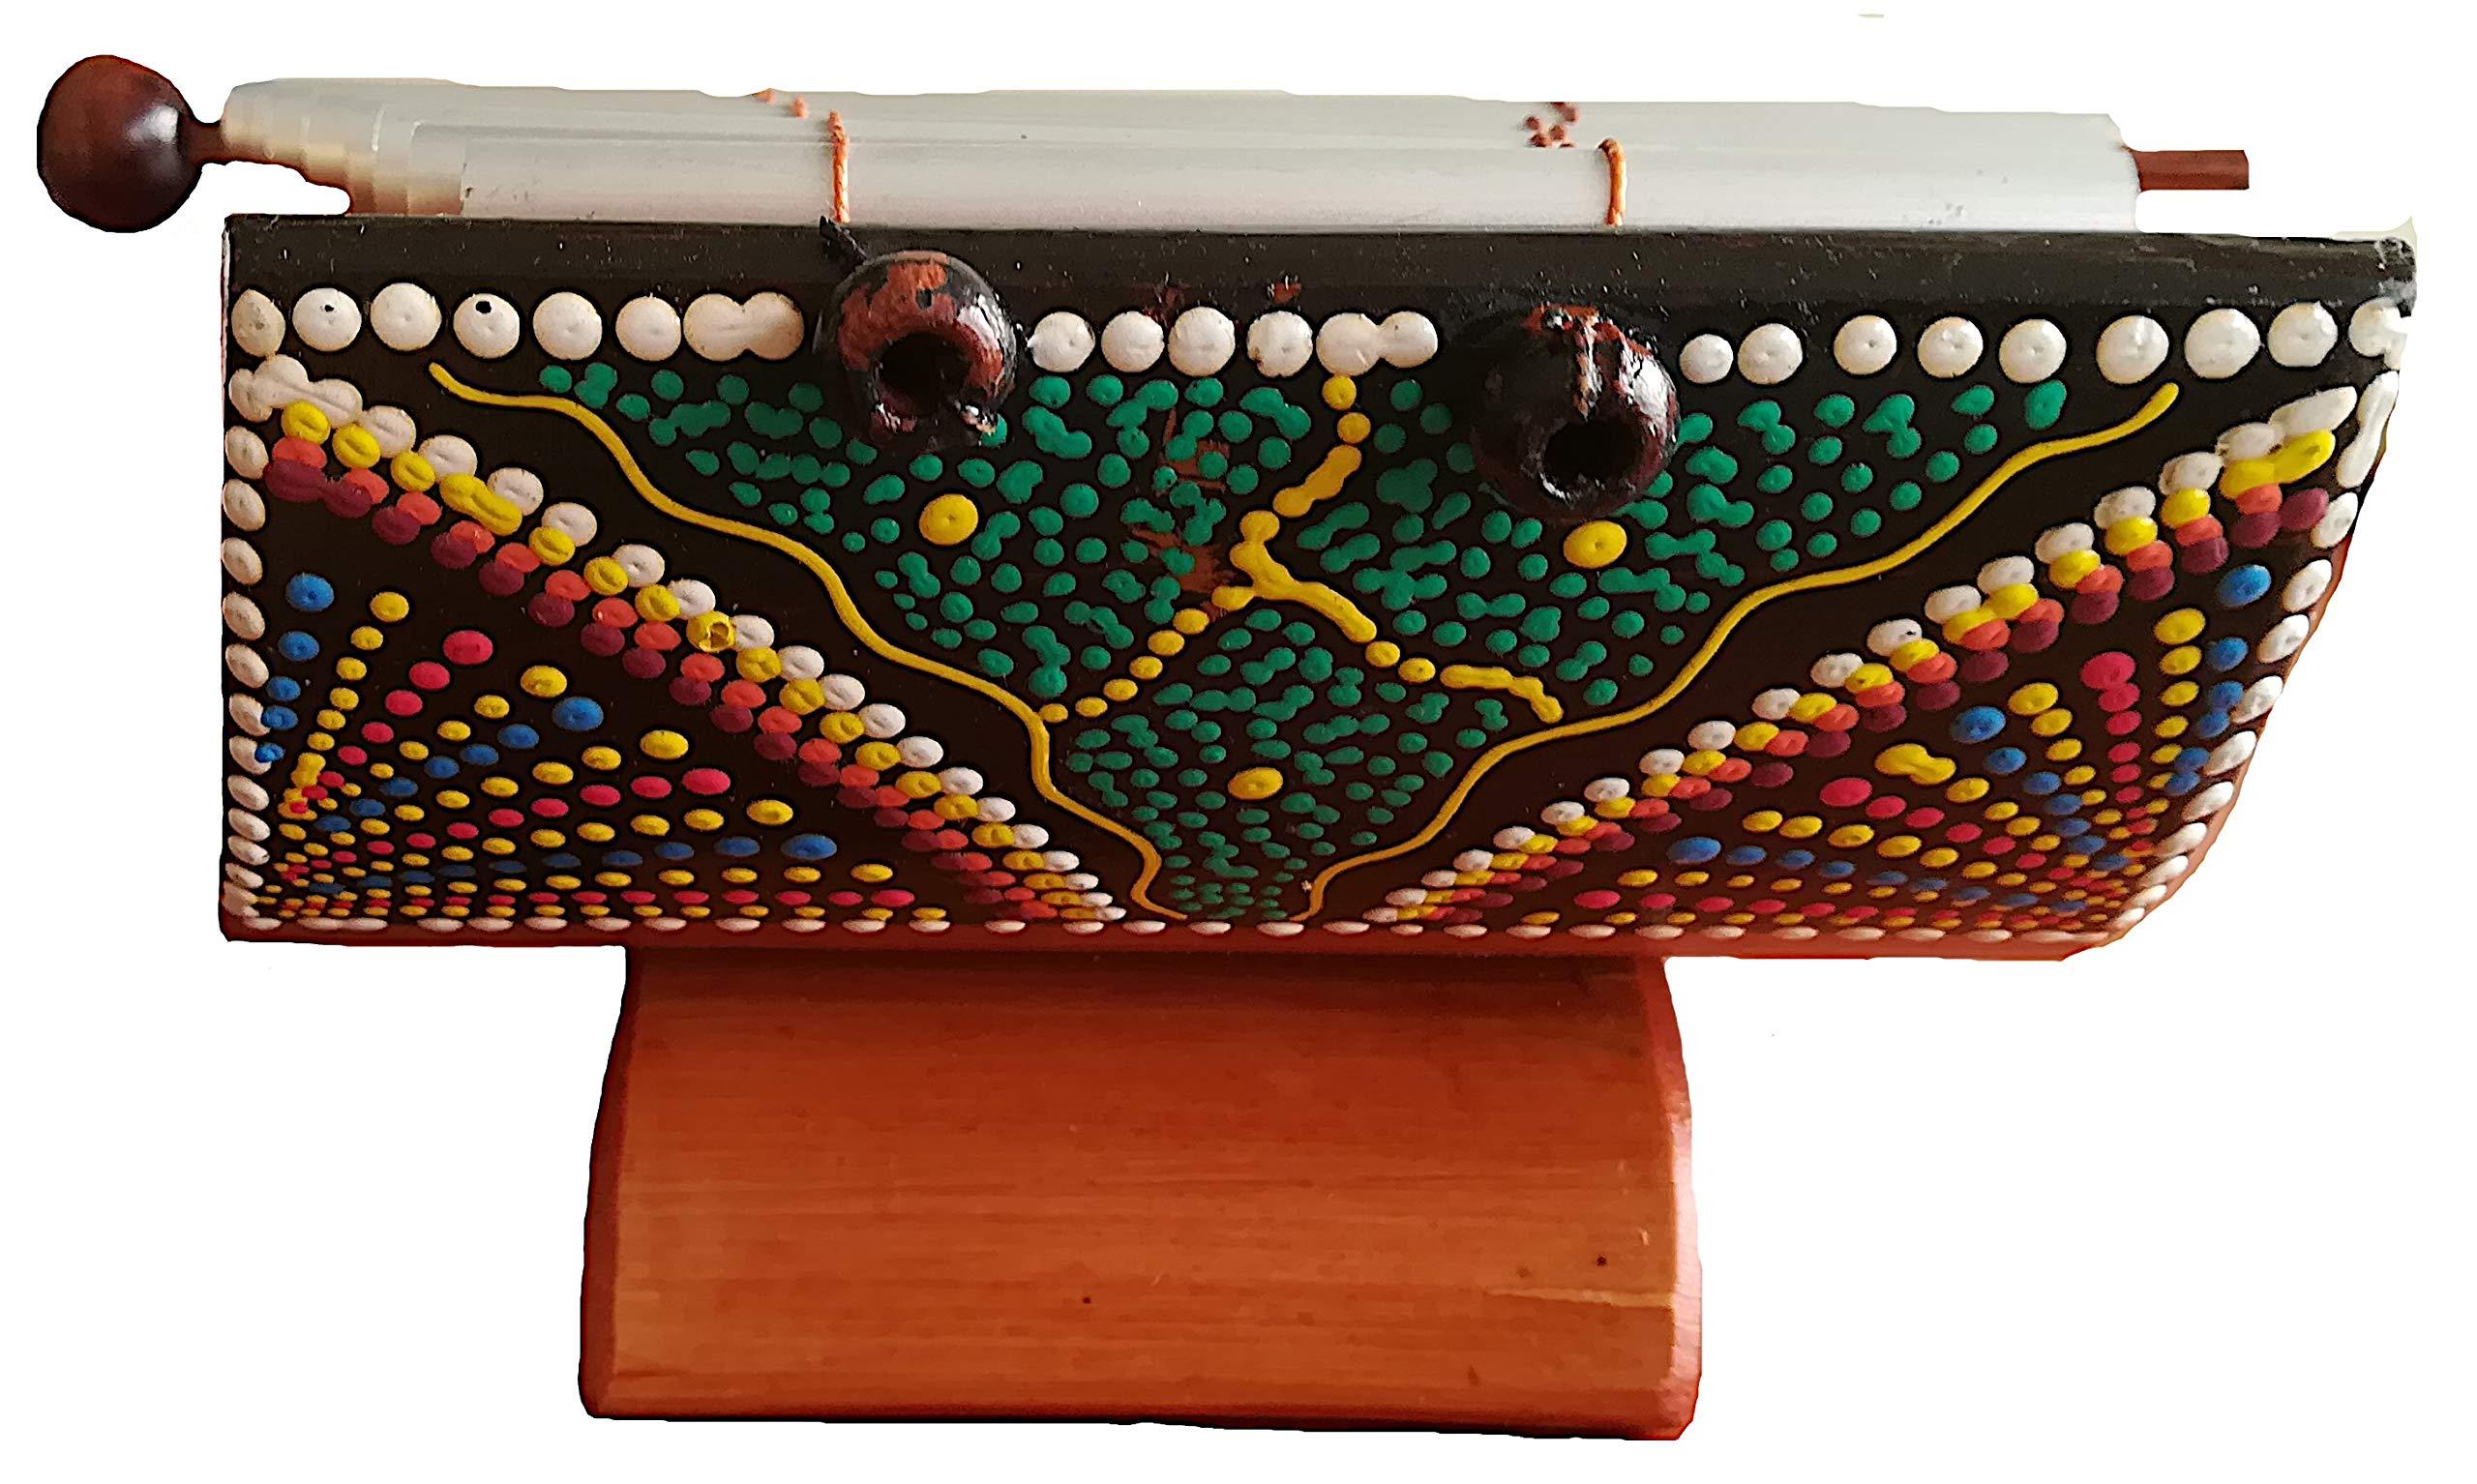 Alpakaandmore Peruvian Marimba Percussion Musical Instrument Amazonas Handmade by Alpakaandmore